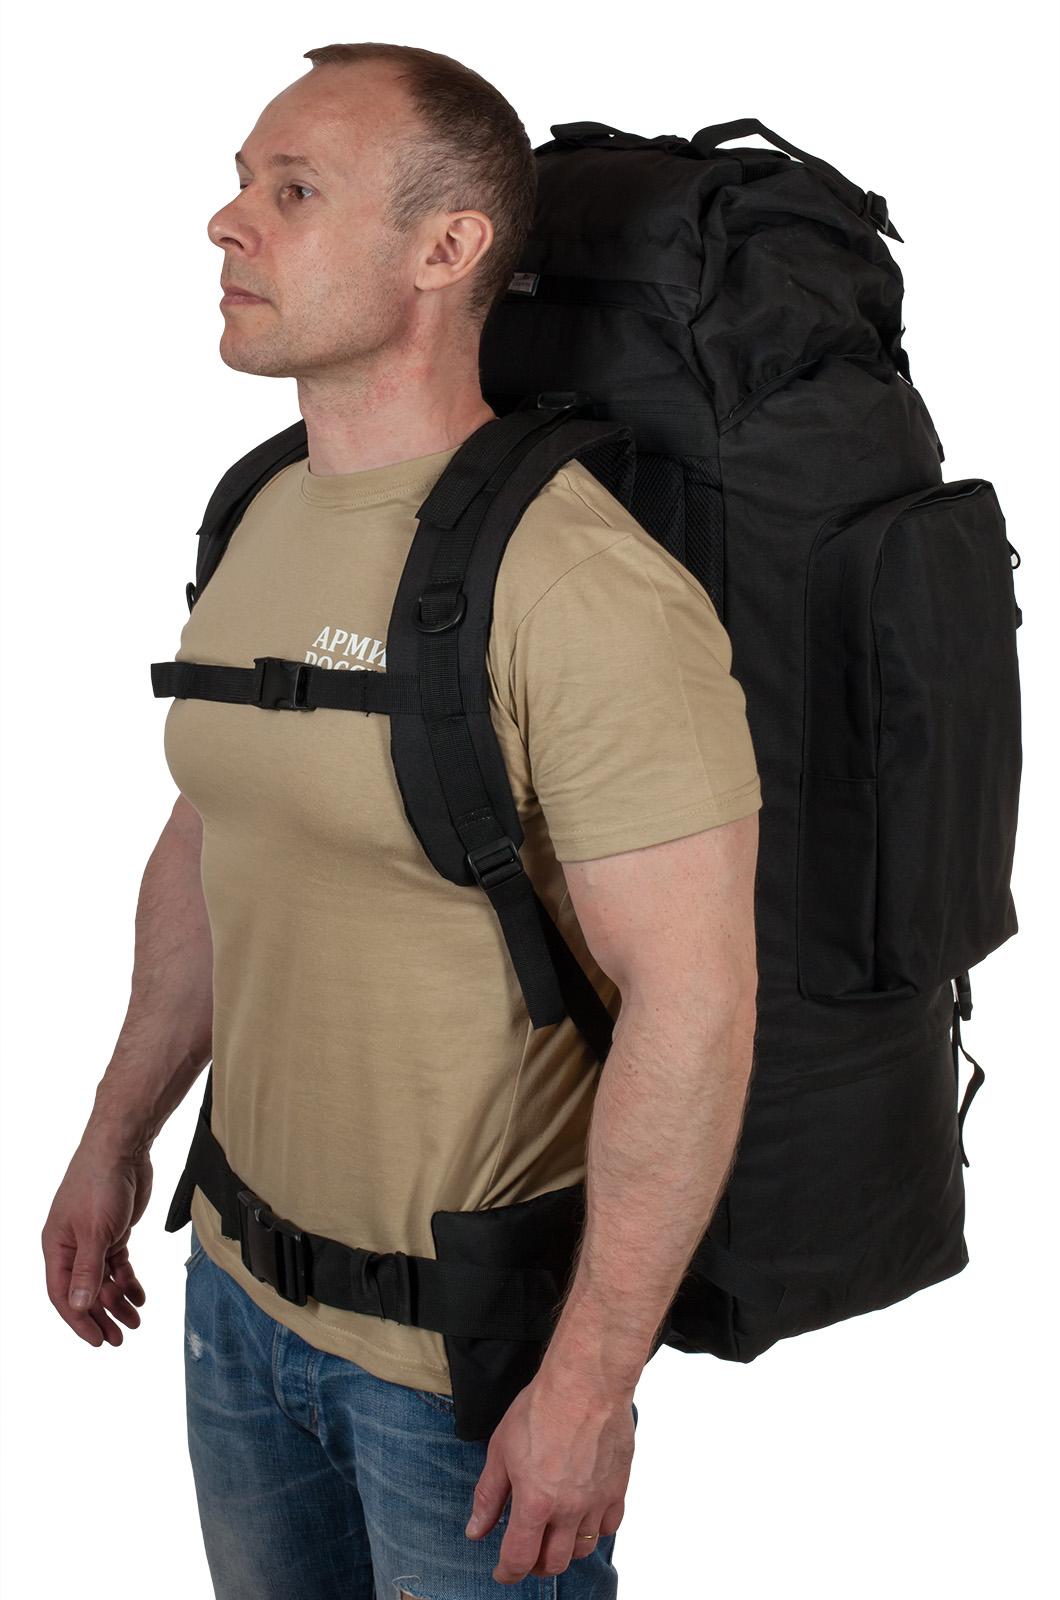 Многодневный черный рюкзак с эмблемой Охотничьих войск купить с доставкой